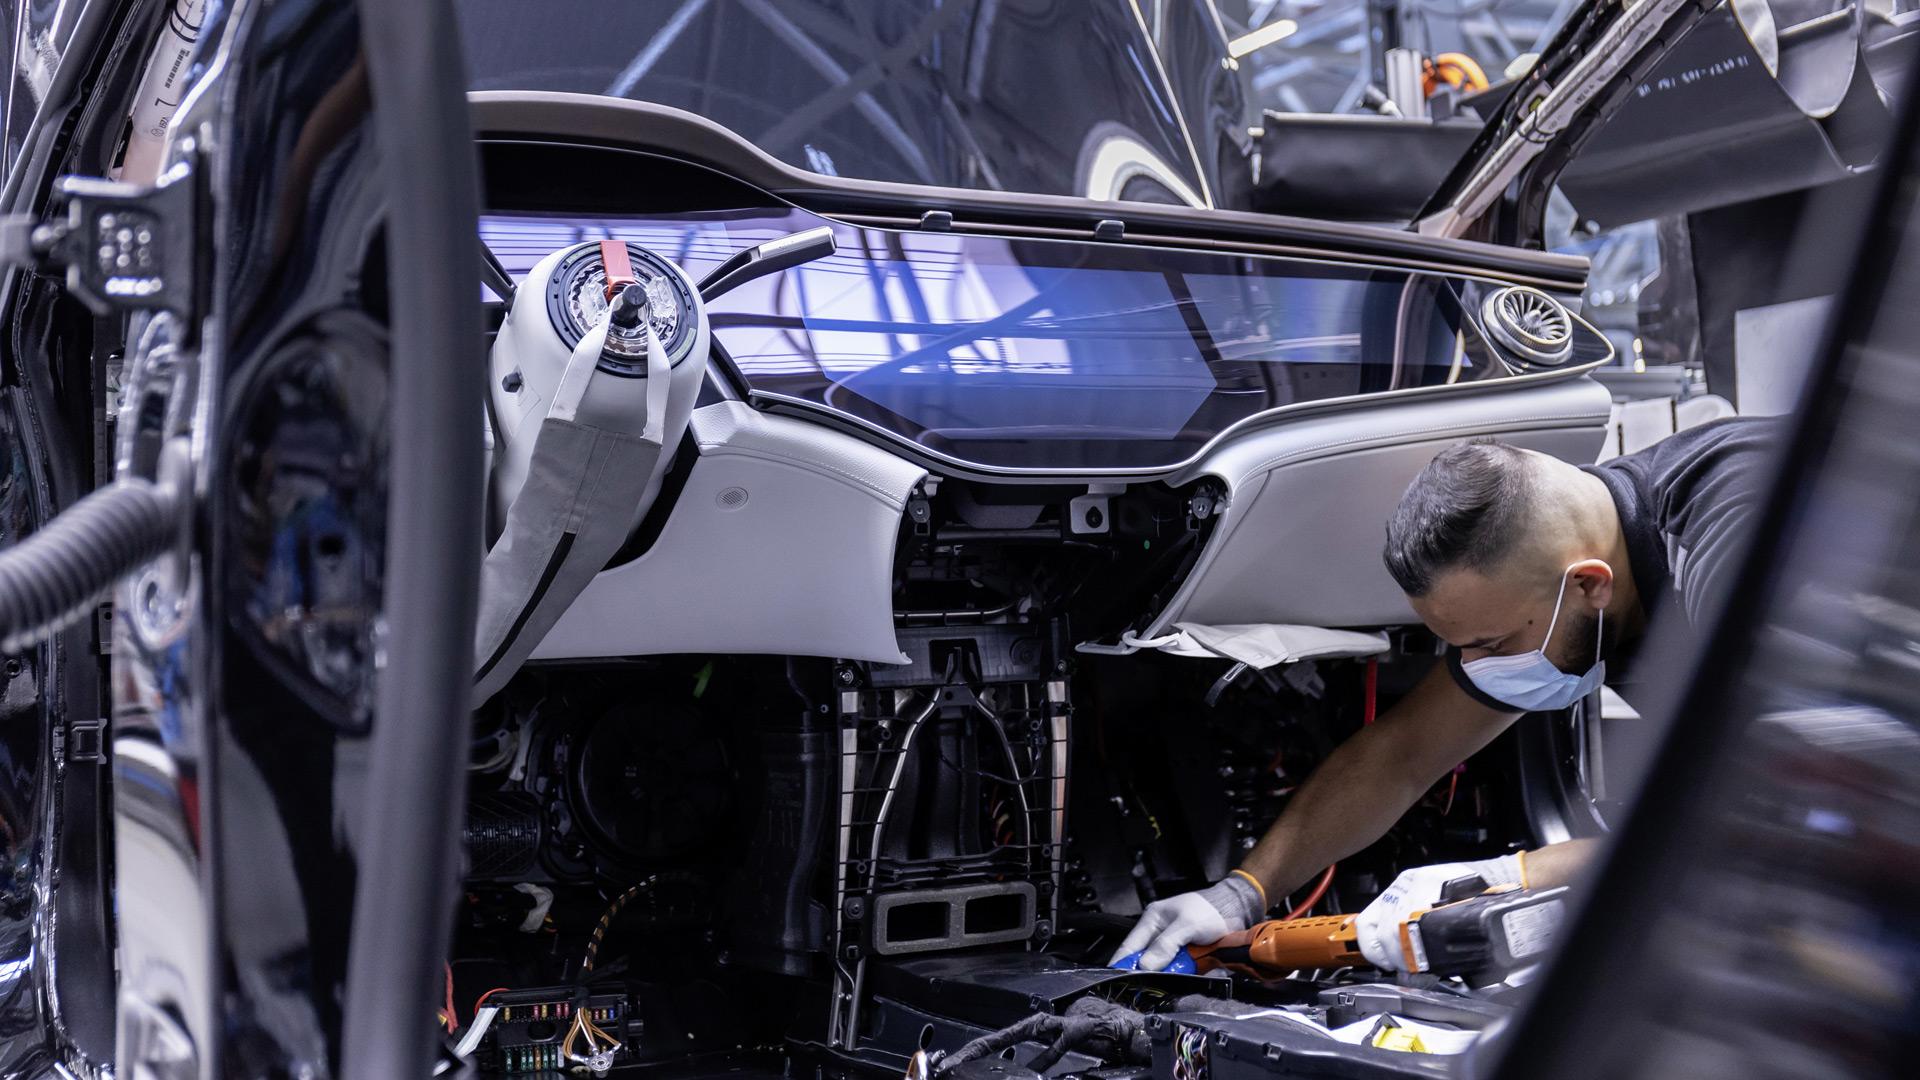 2022 Mercedes-Benz EQS sản xuất tại nhà máy ở Sindelfingen, Đức